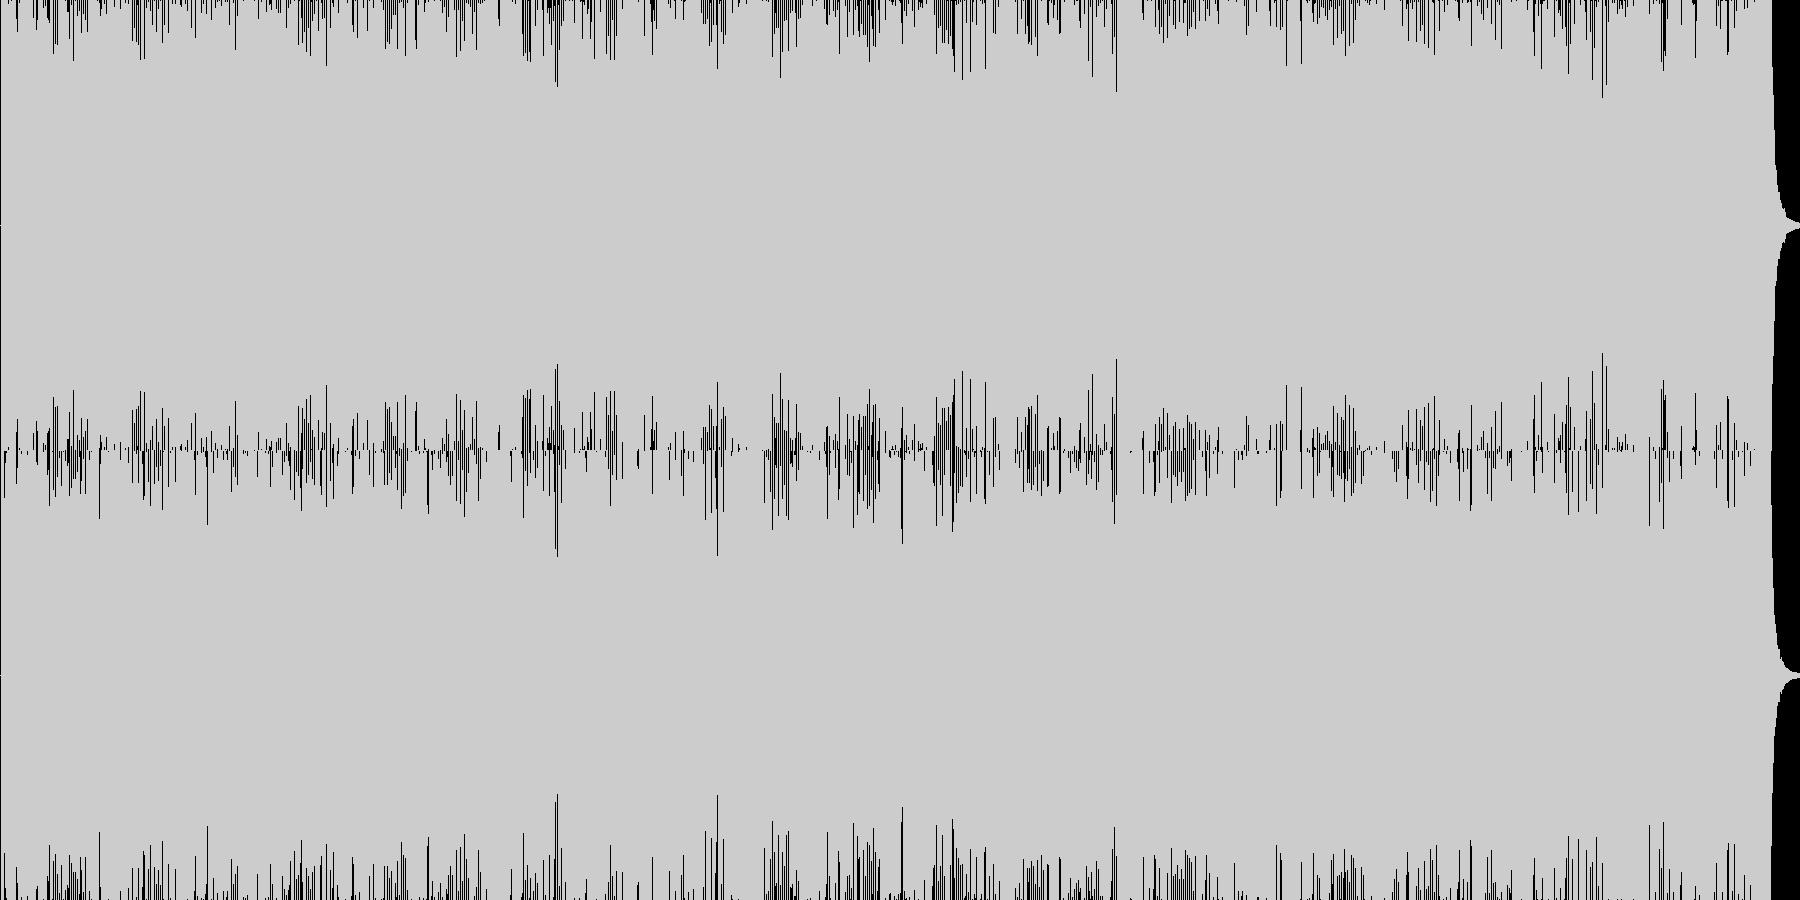 スリリングなサイバーバトルBGMの未再生の波形